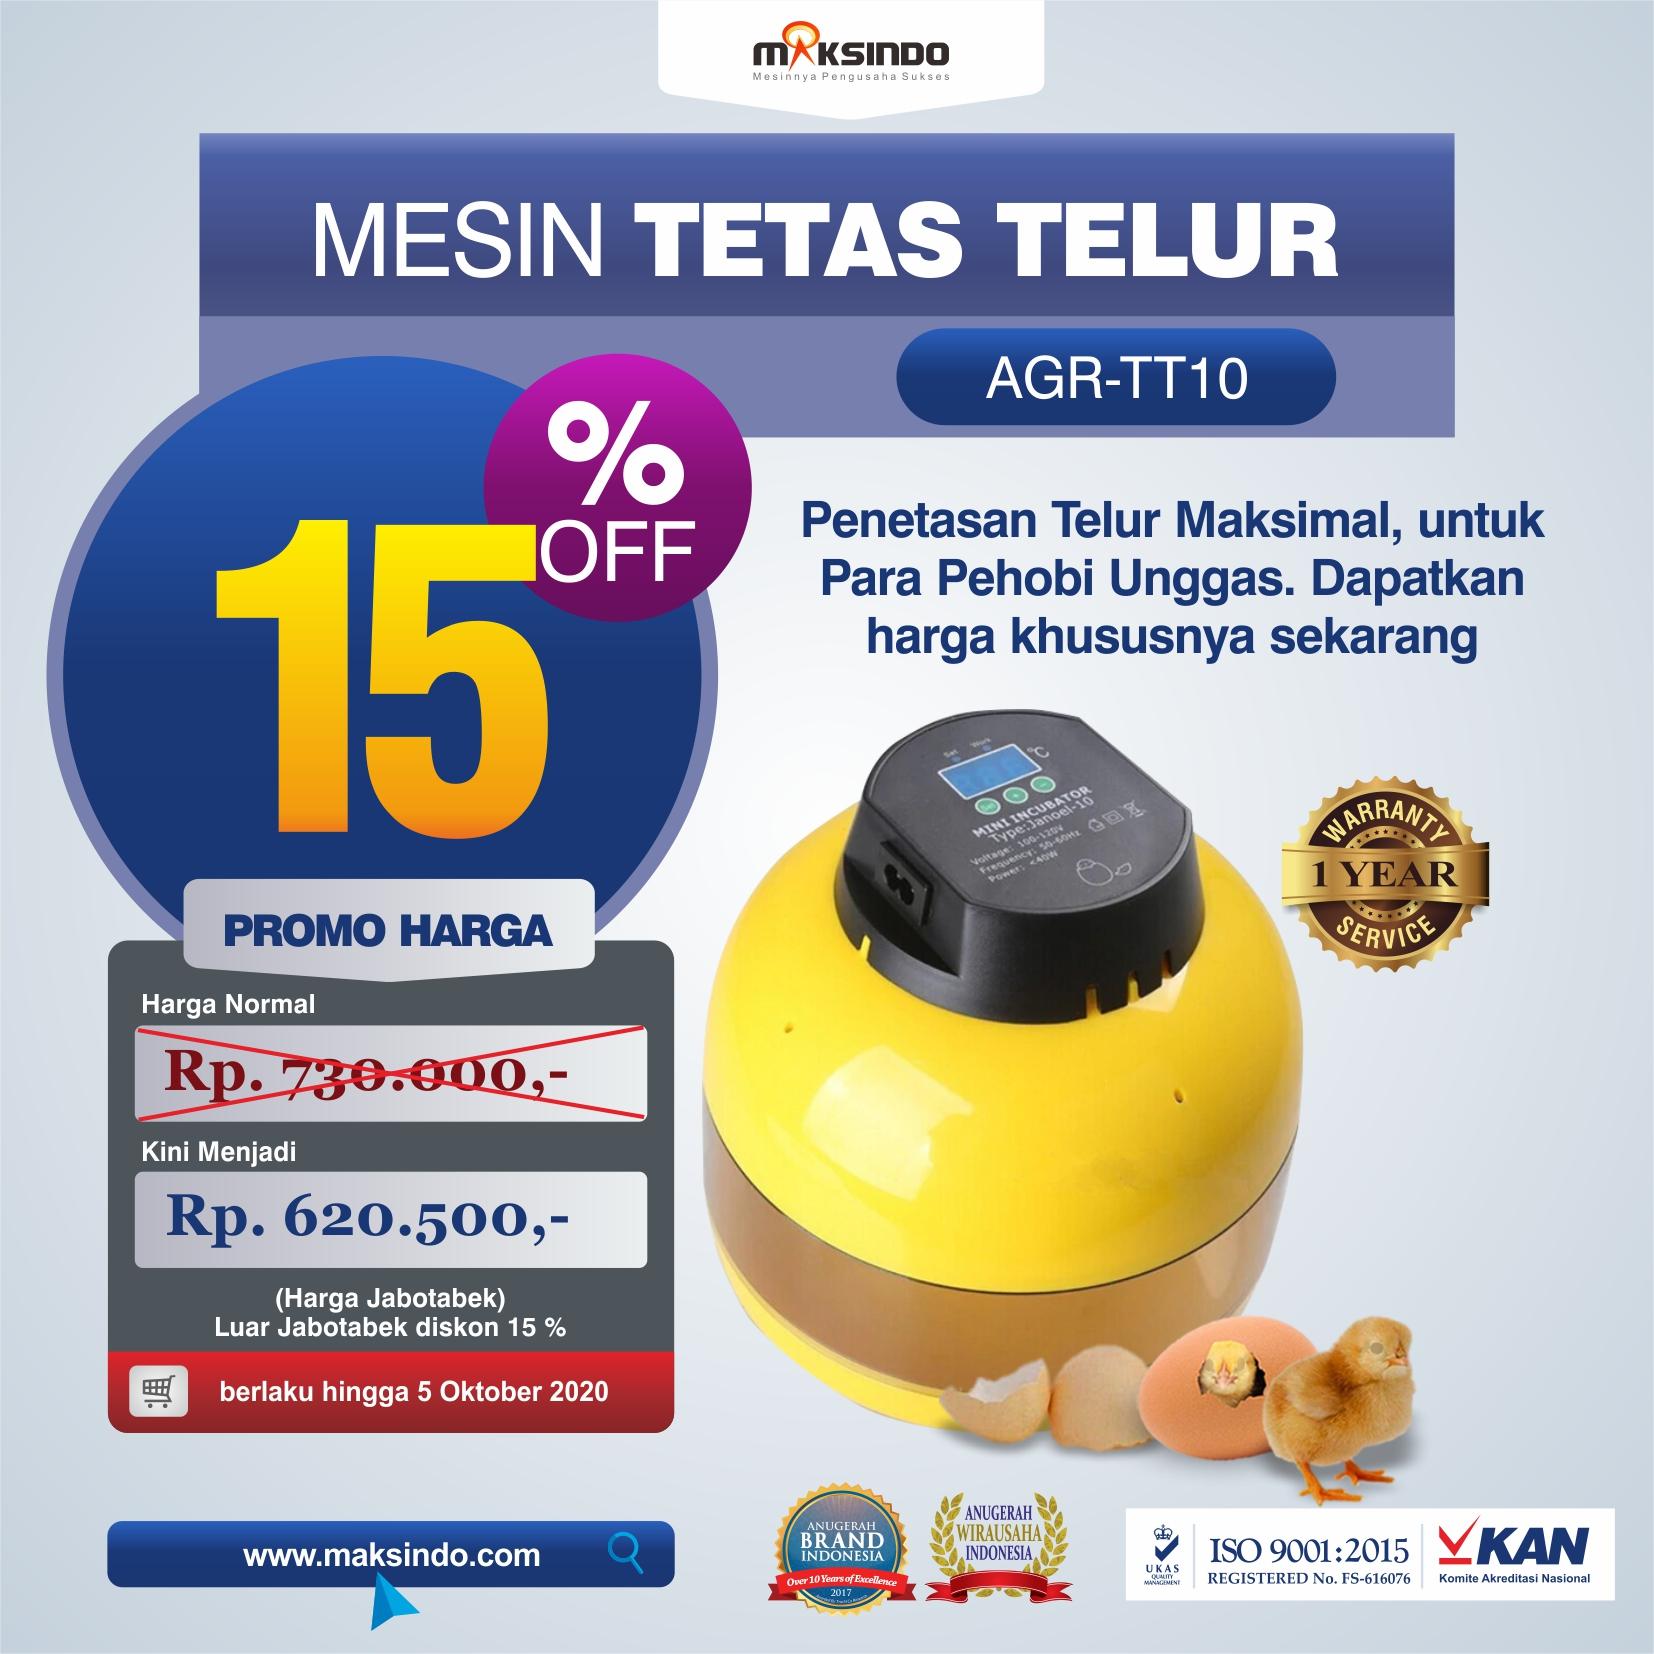 Jual Mesin Tetas Telur 10 Butir (AGR-TT-10) di Pekanbaru